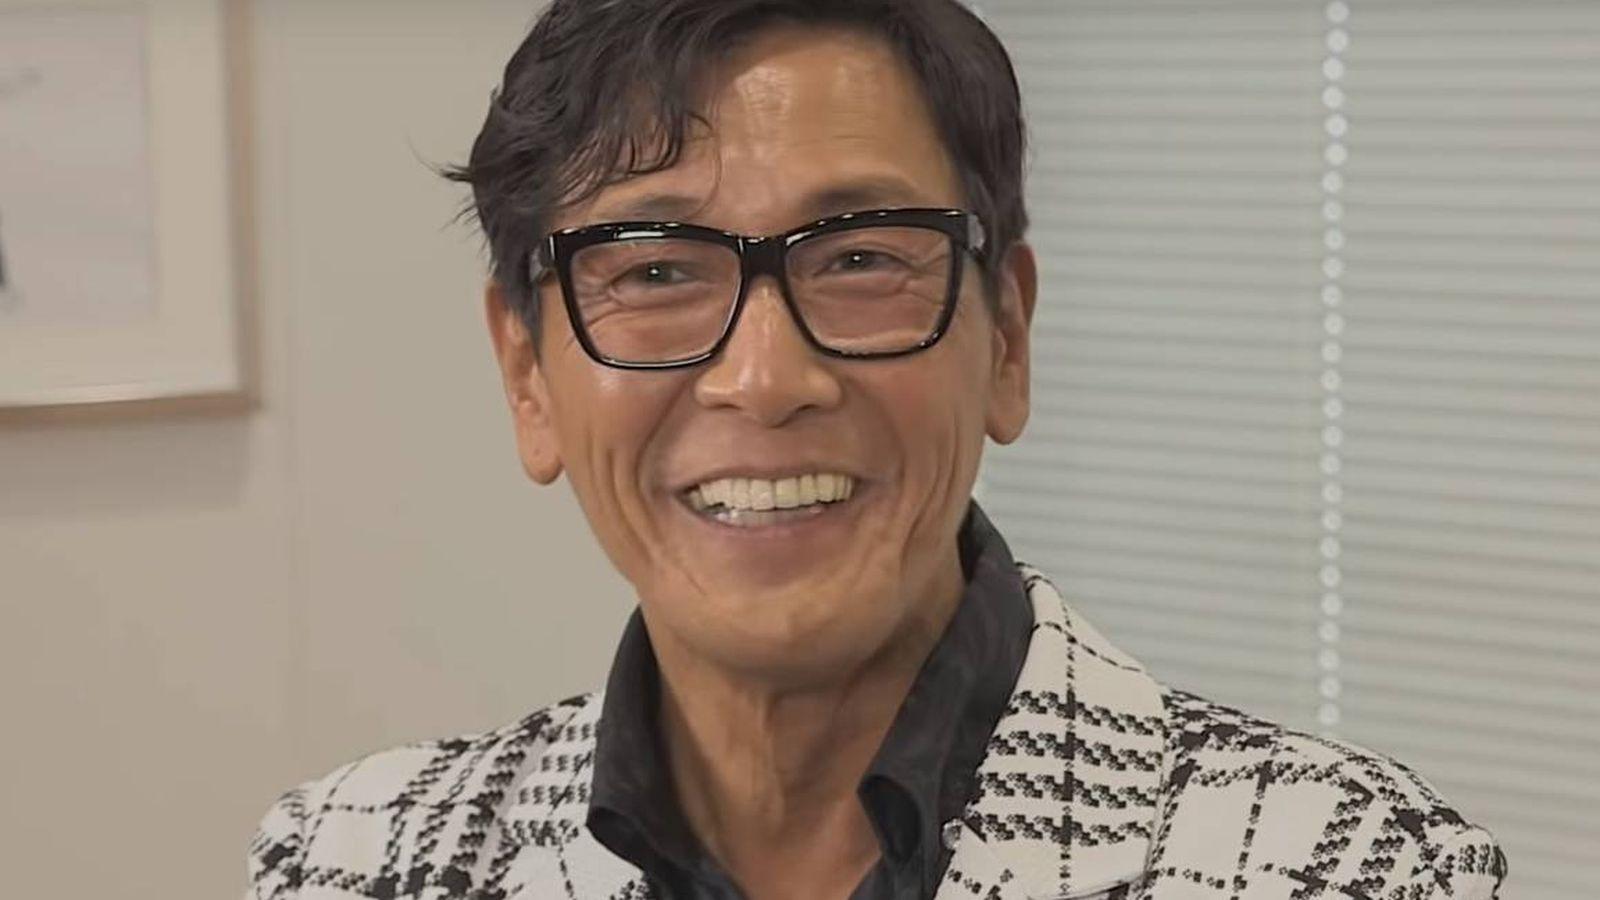 Actrices Porno.que Se Pasaron Al Cine Normal pornografía: este japonés es una estrella porno y cuenta